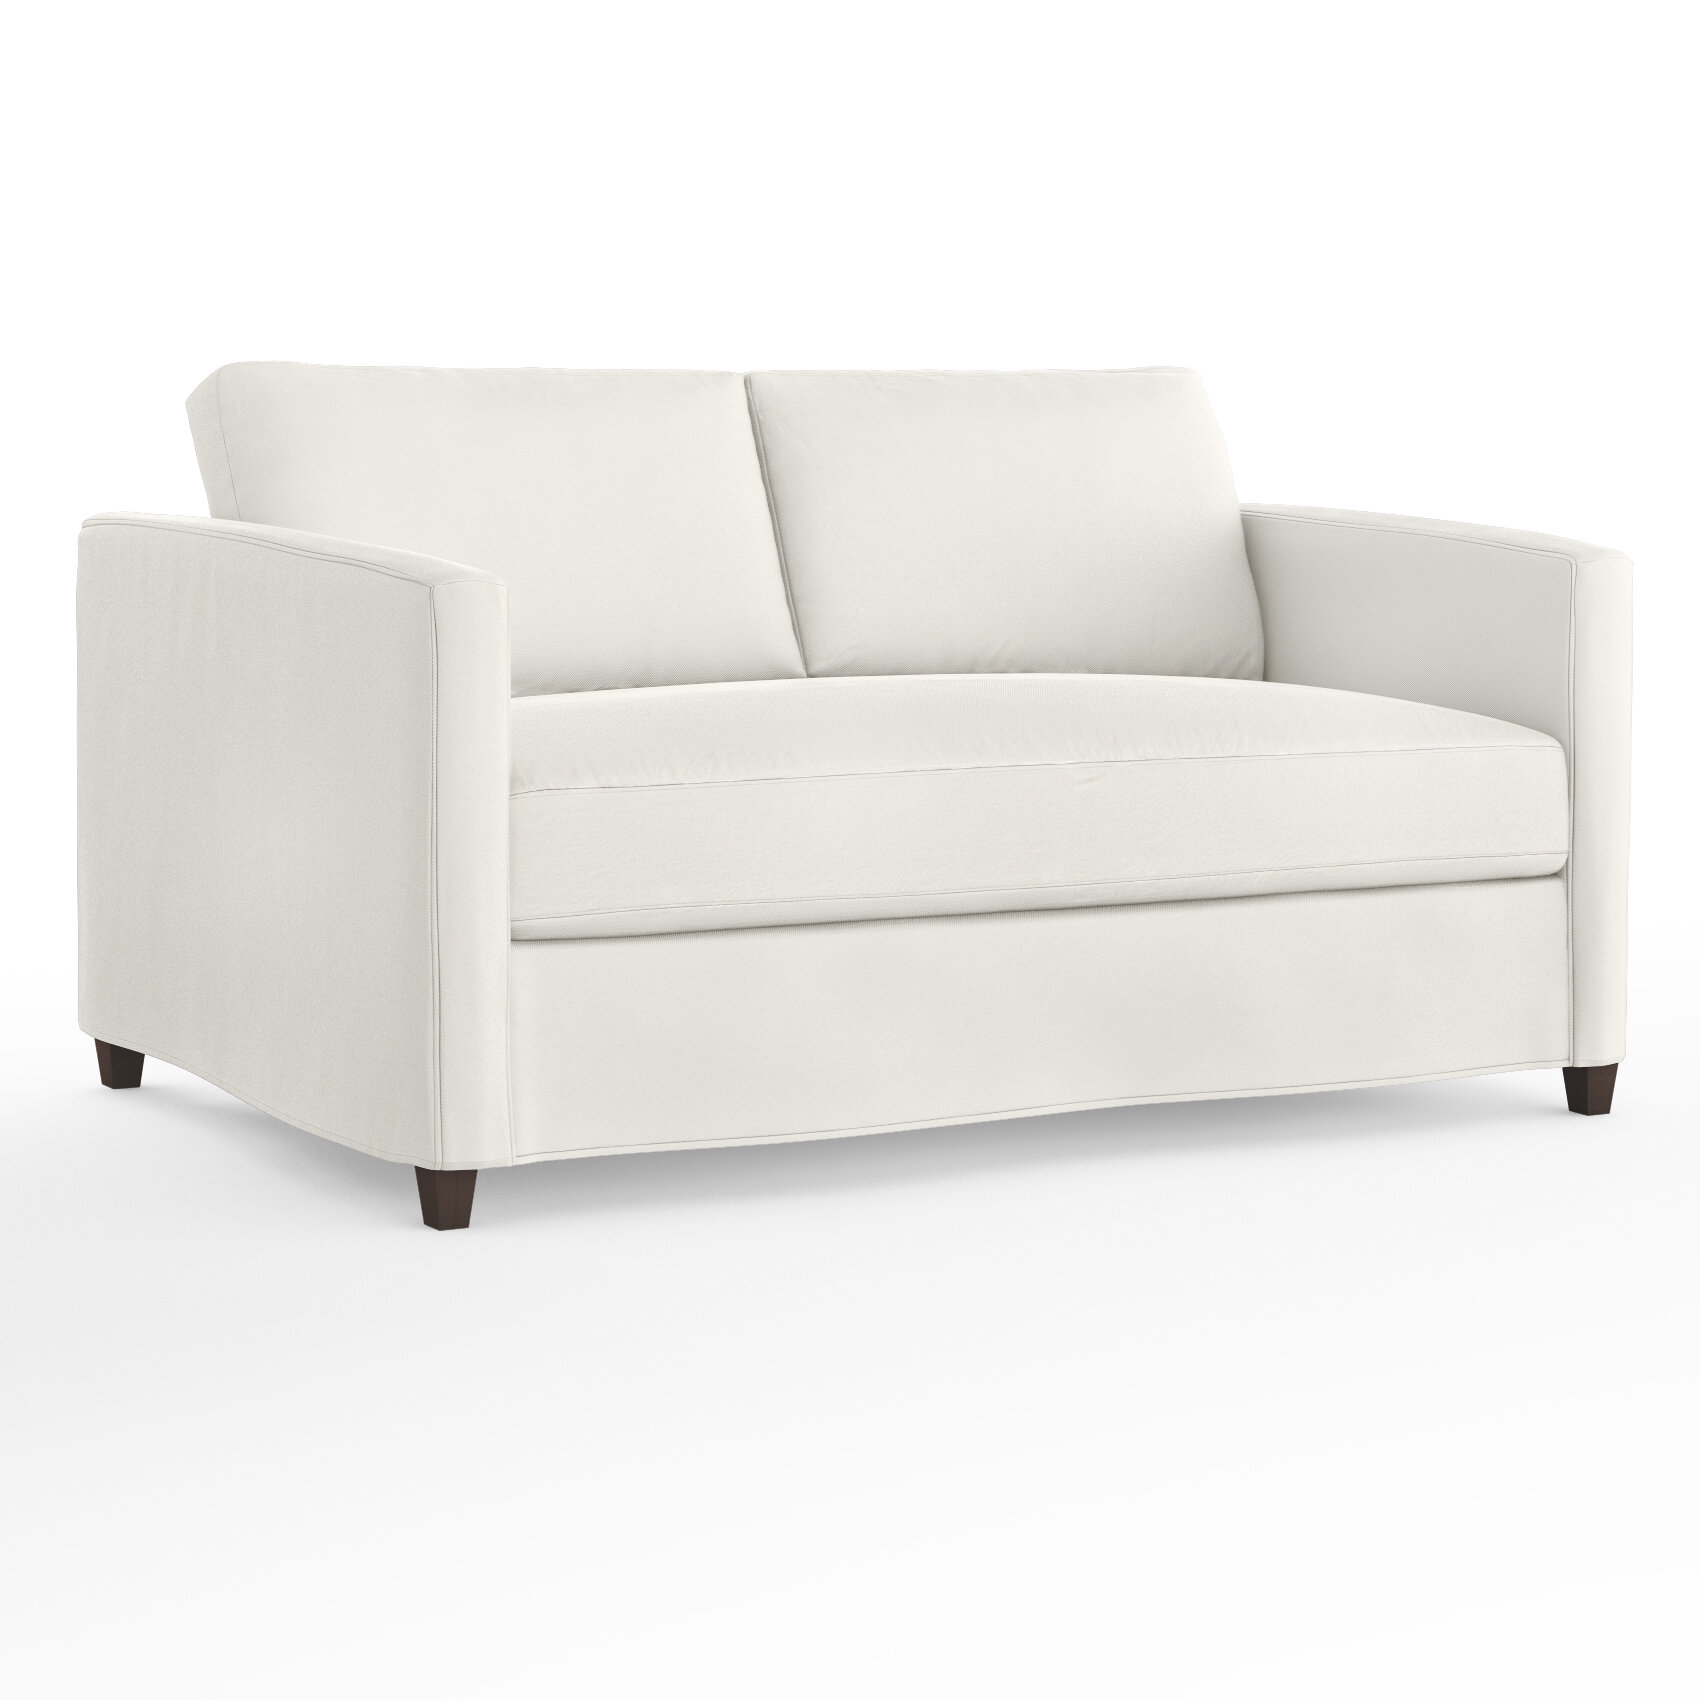 Astounding Habersham Slipcovered Loveseat Inzonedesignstudio Interior Chair Design Inzonedesignstudiocom